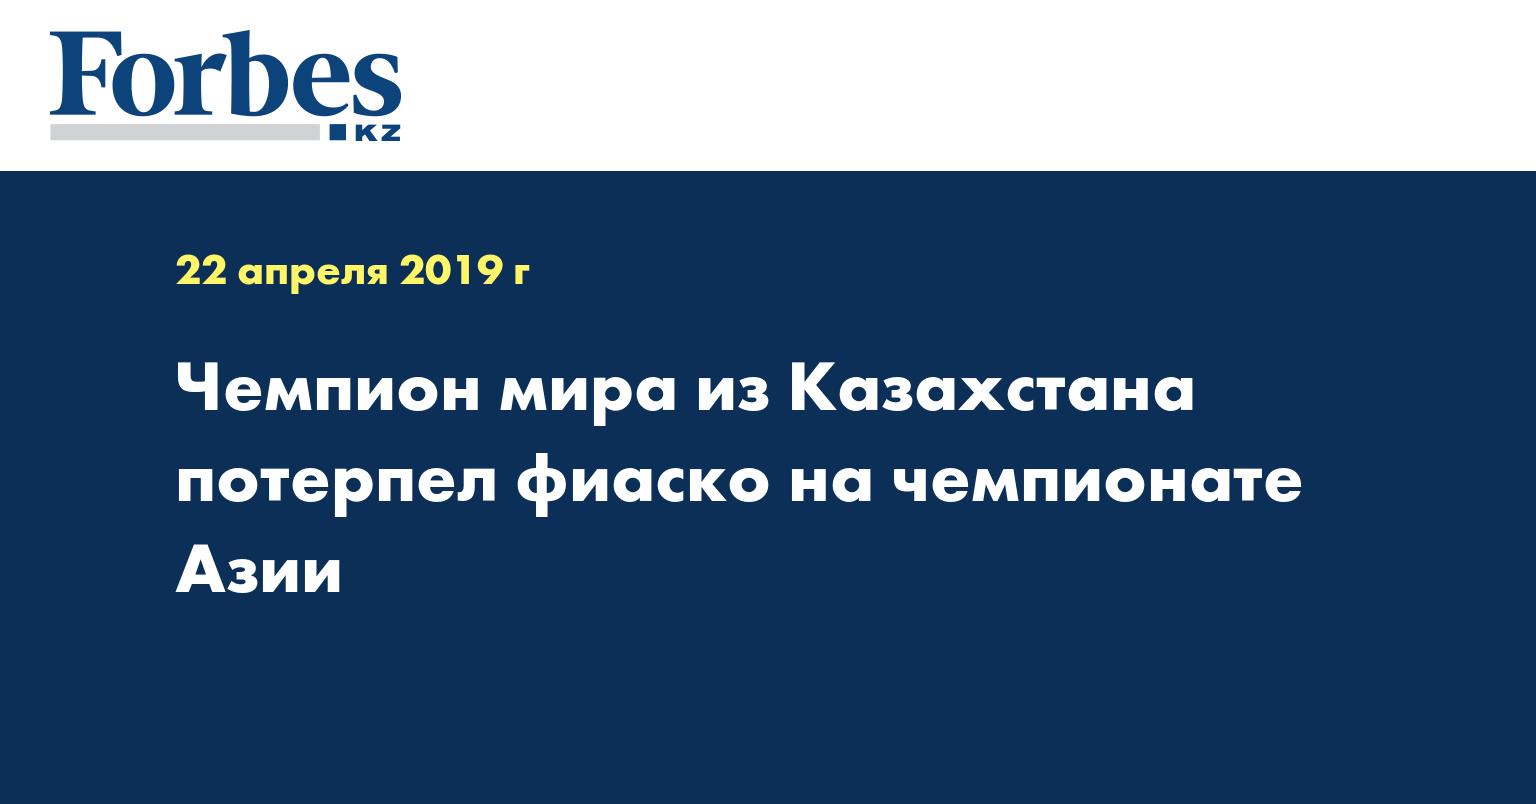 Чемпион мира из Казахстана потерпел фиаско на чемпионате Азии